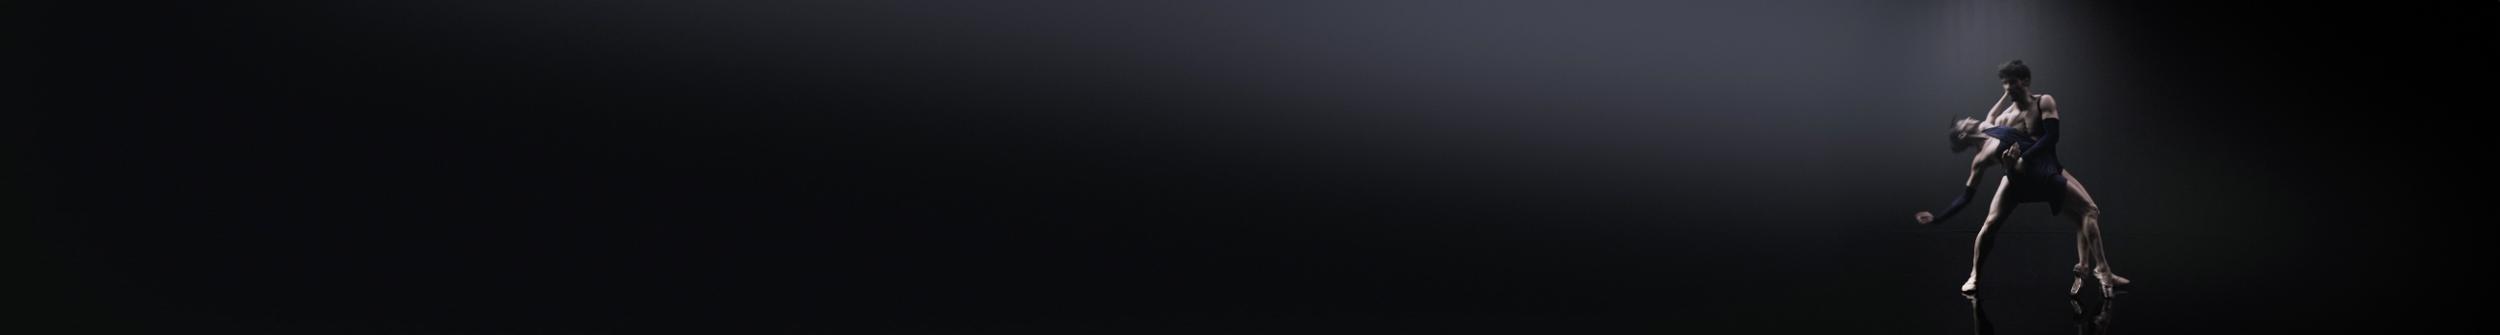 Bildschirmfoto 2014-08-17 um 14.49.23.png